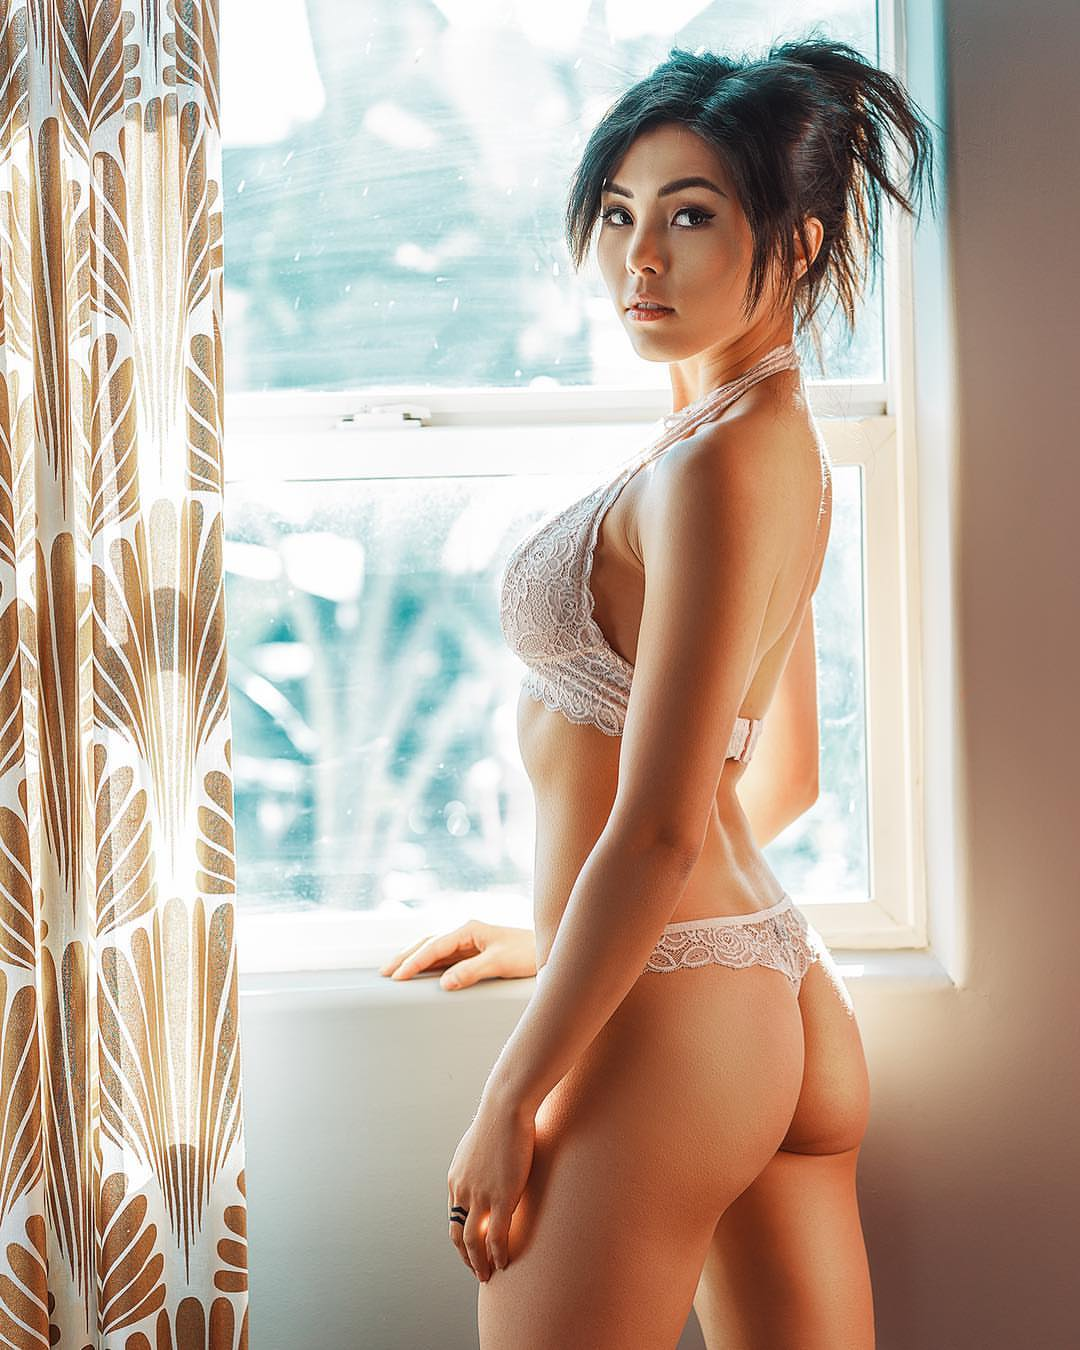 anna akana nude